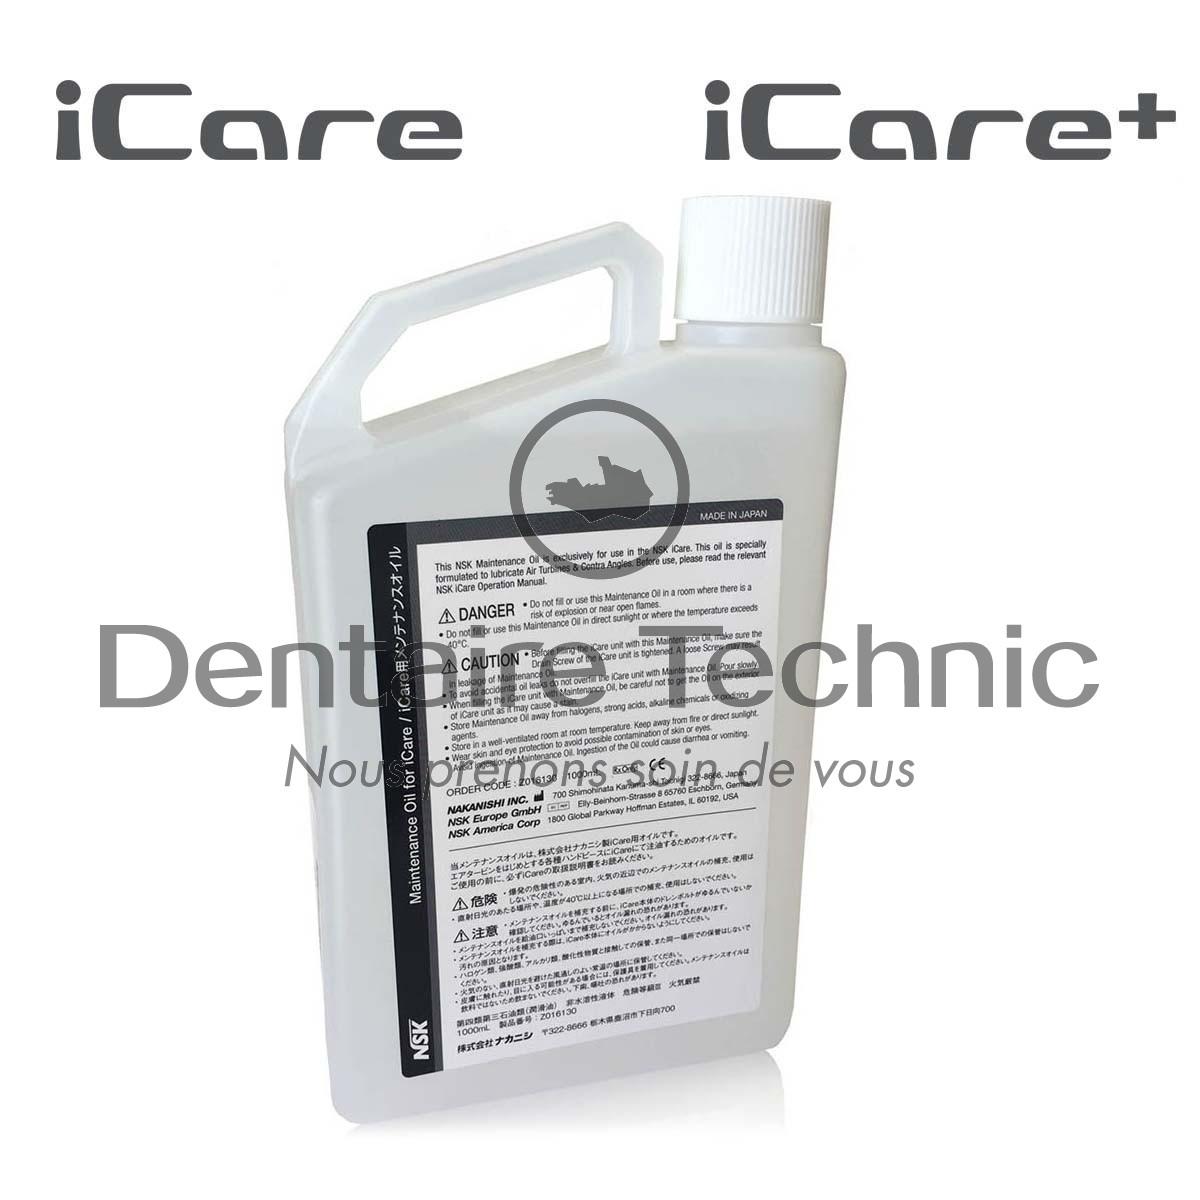 Huile d'entretien N.Oil 1L ICare / ICare+ - nsk